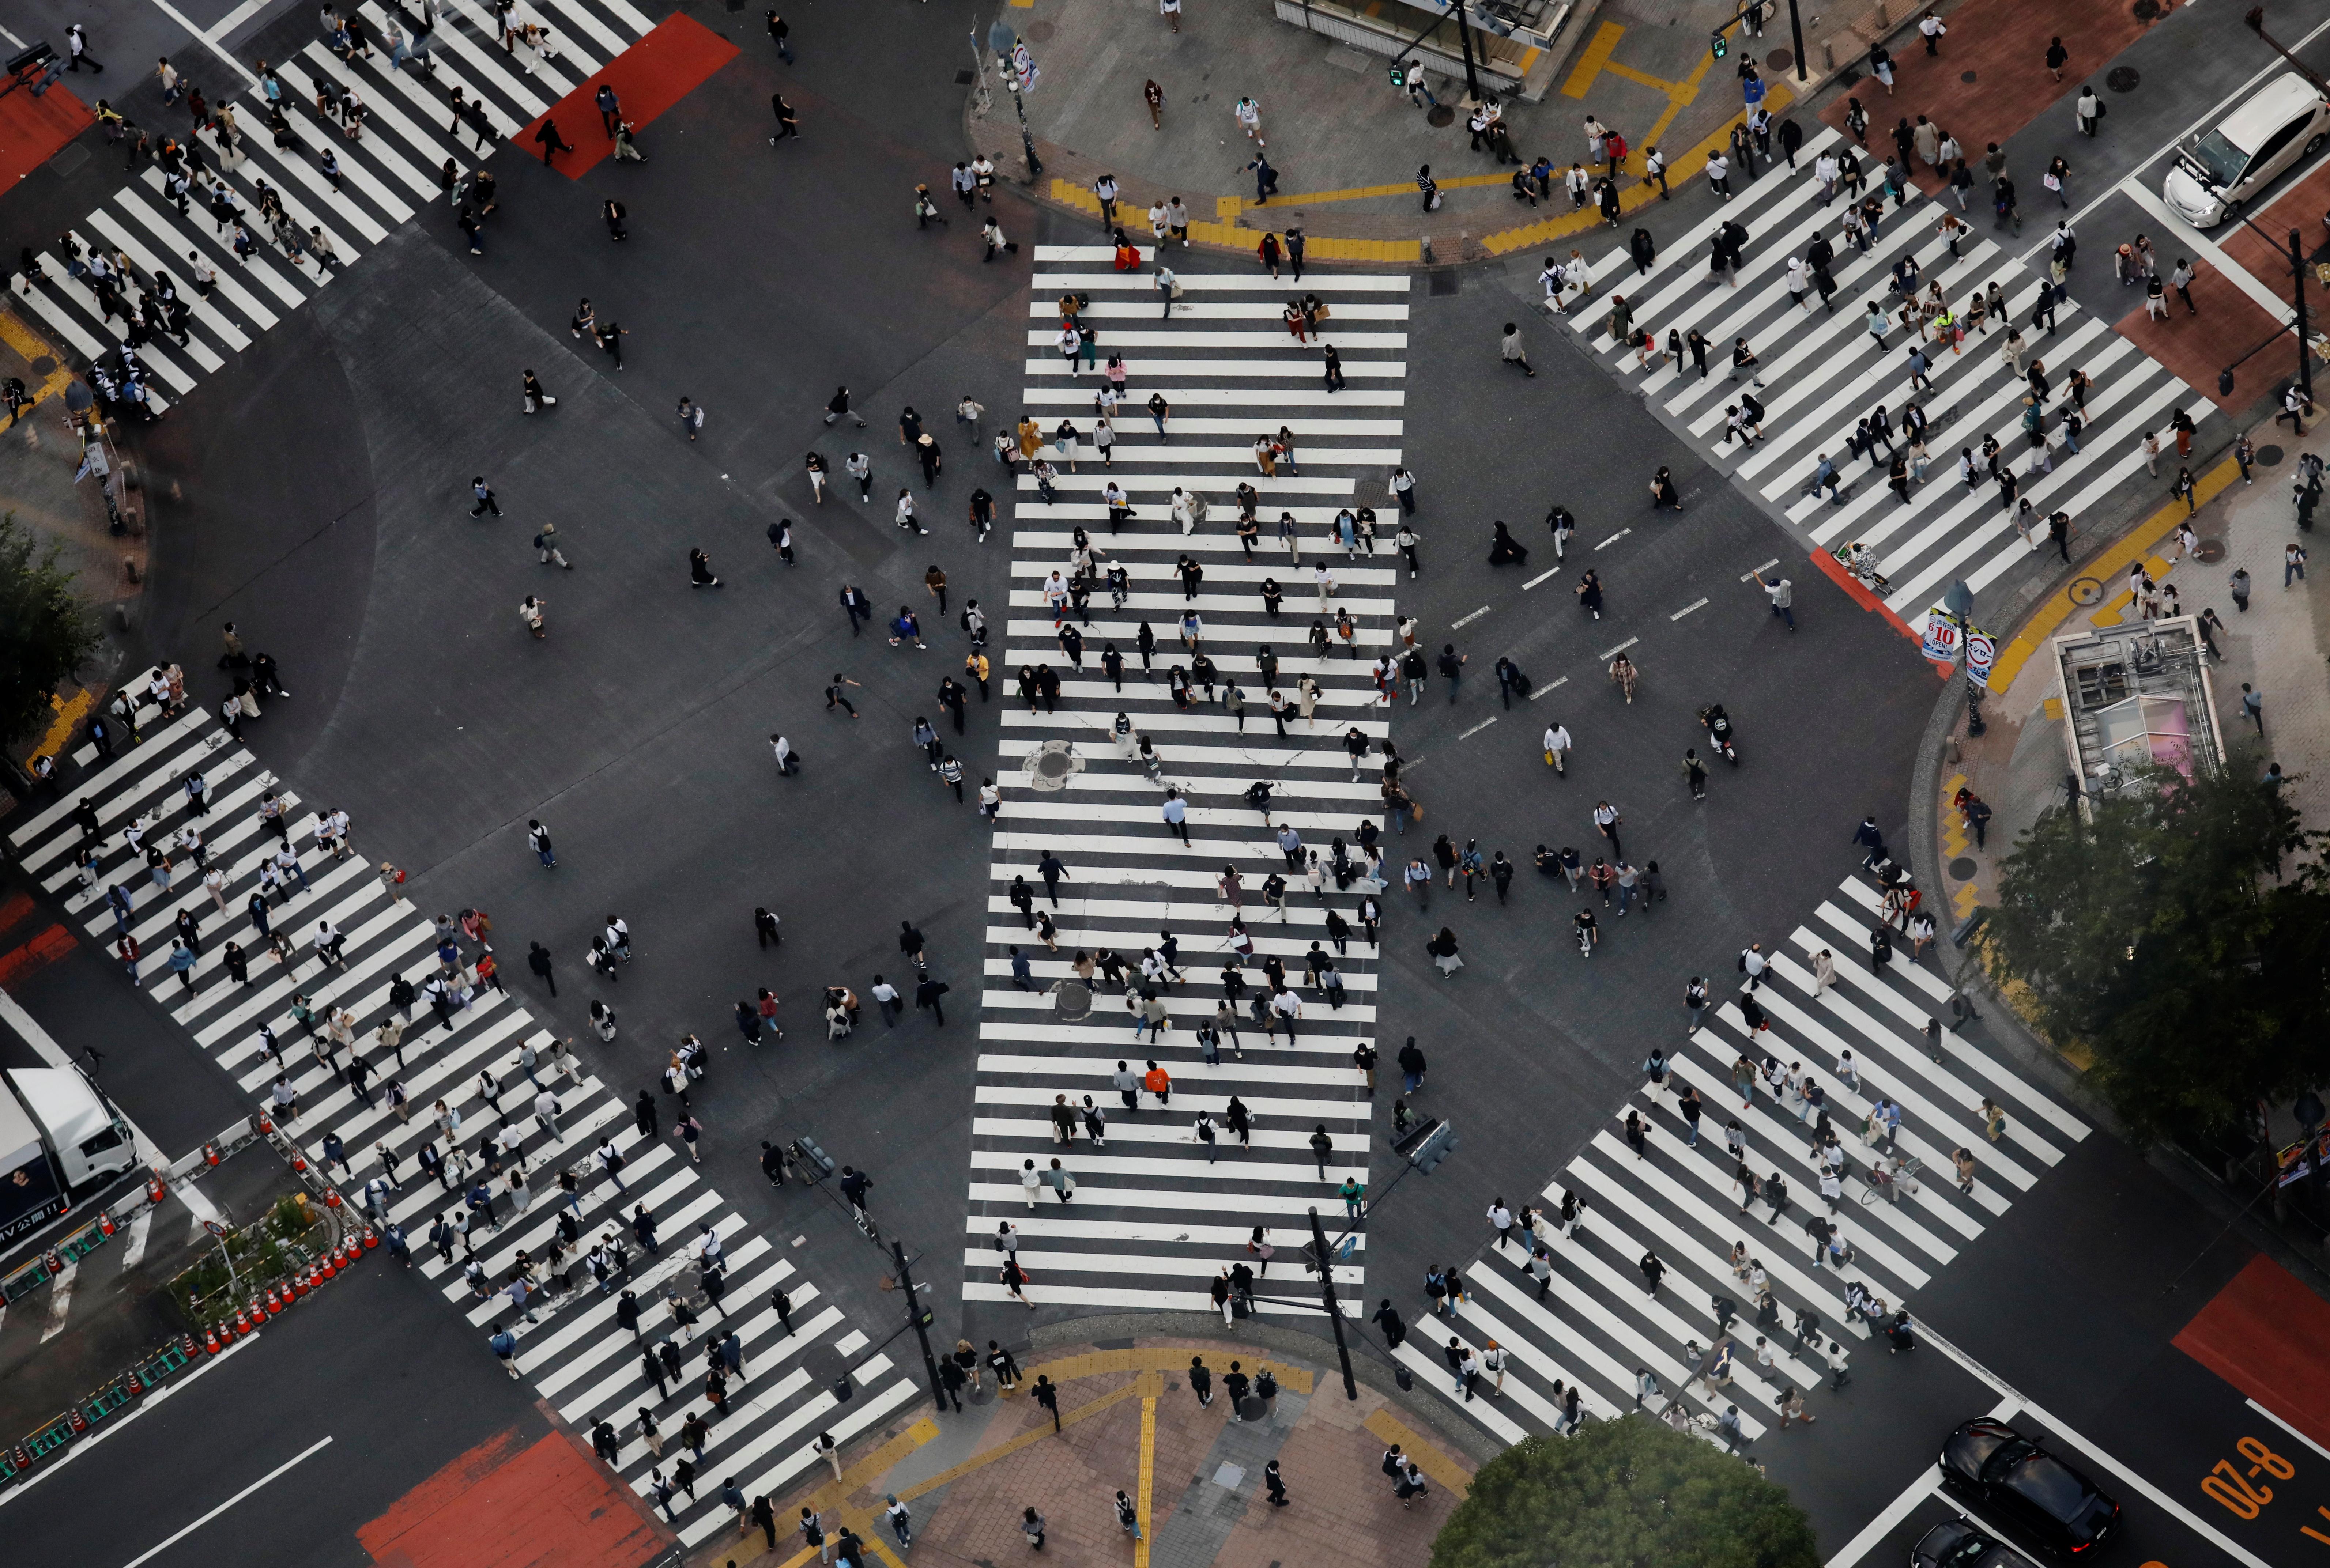 People walk across the Shibuya crossing in Tokyo, Japan, June 1, 2021. REUTERS/Kim Kyung-Hoon